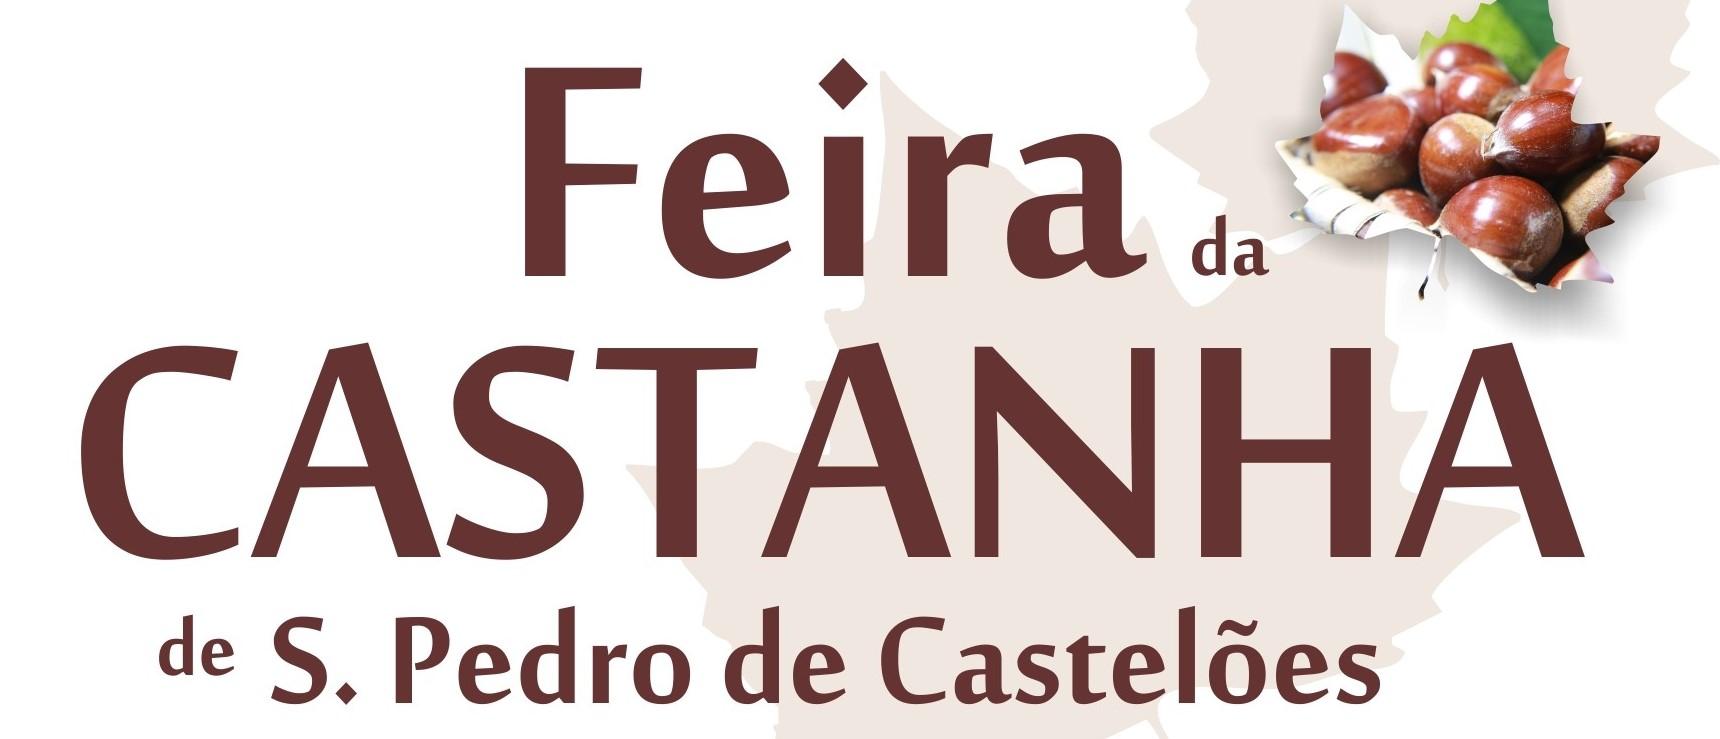 Feira da Castanha de S. Pedro de Castelões decorre de 8 a 10 de novembro